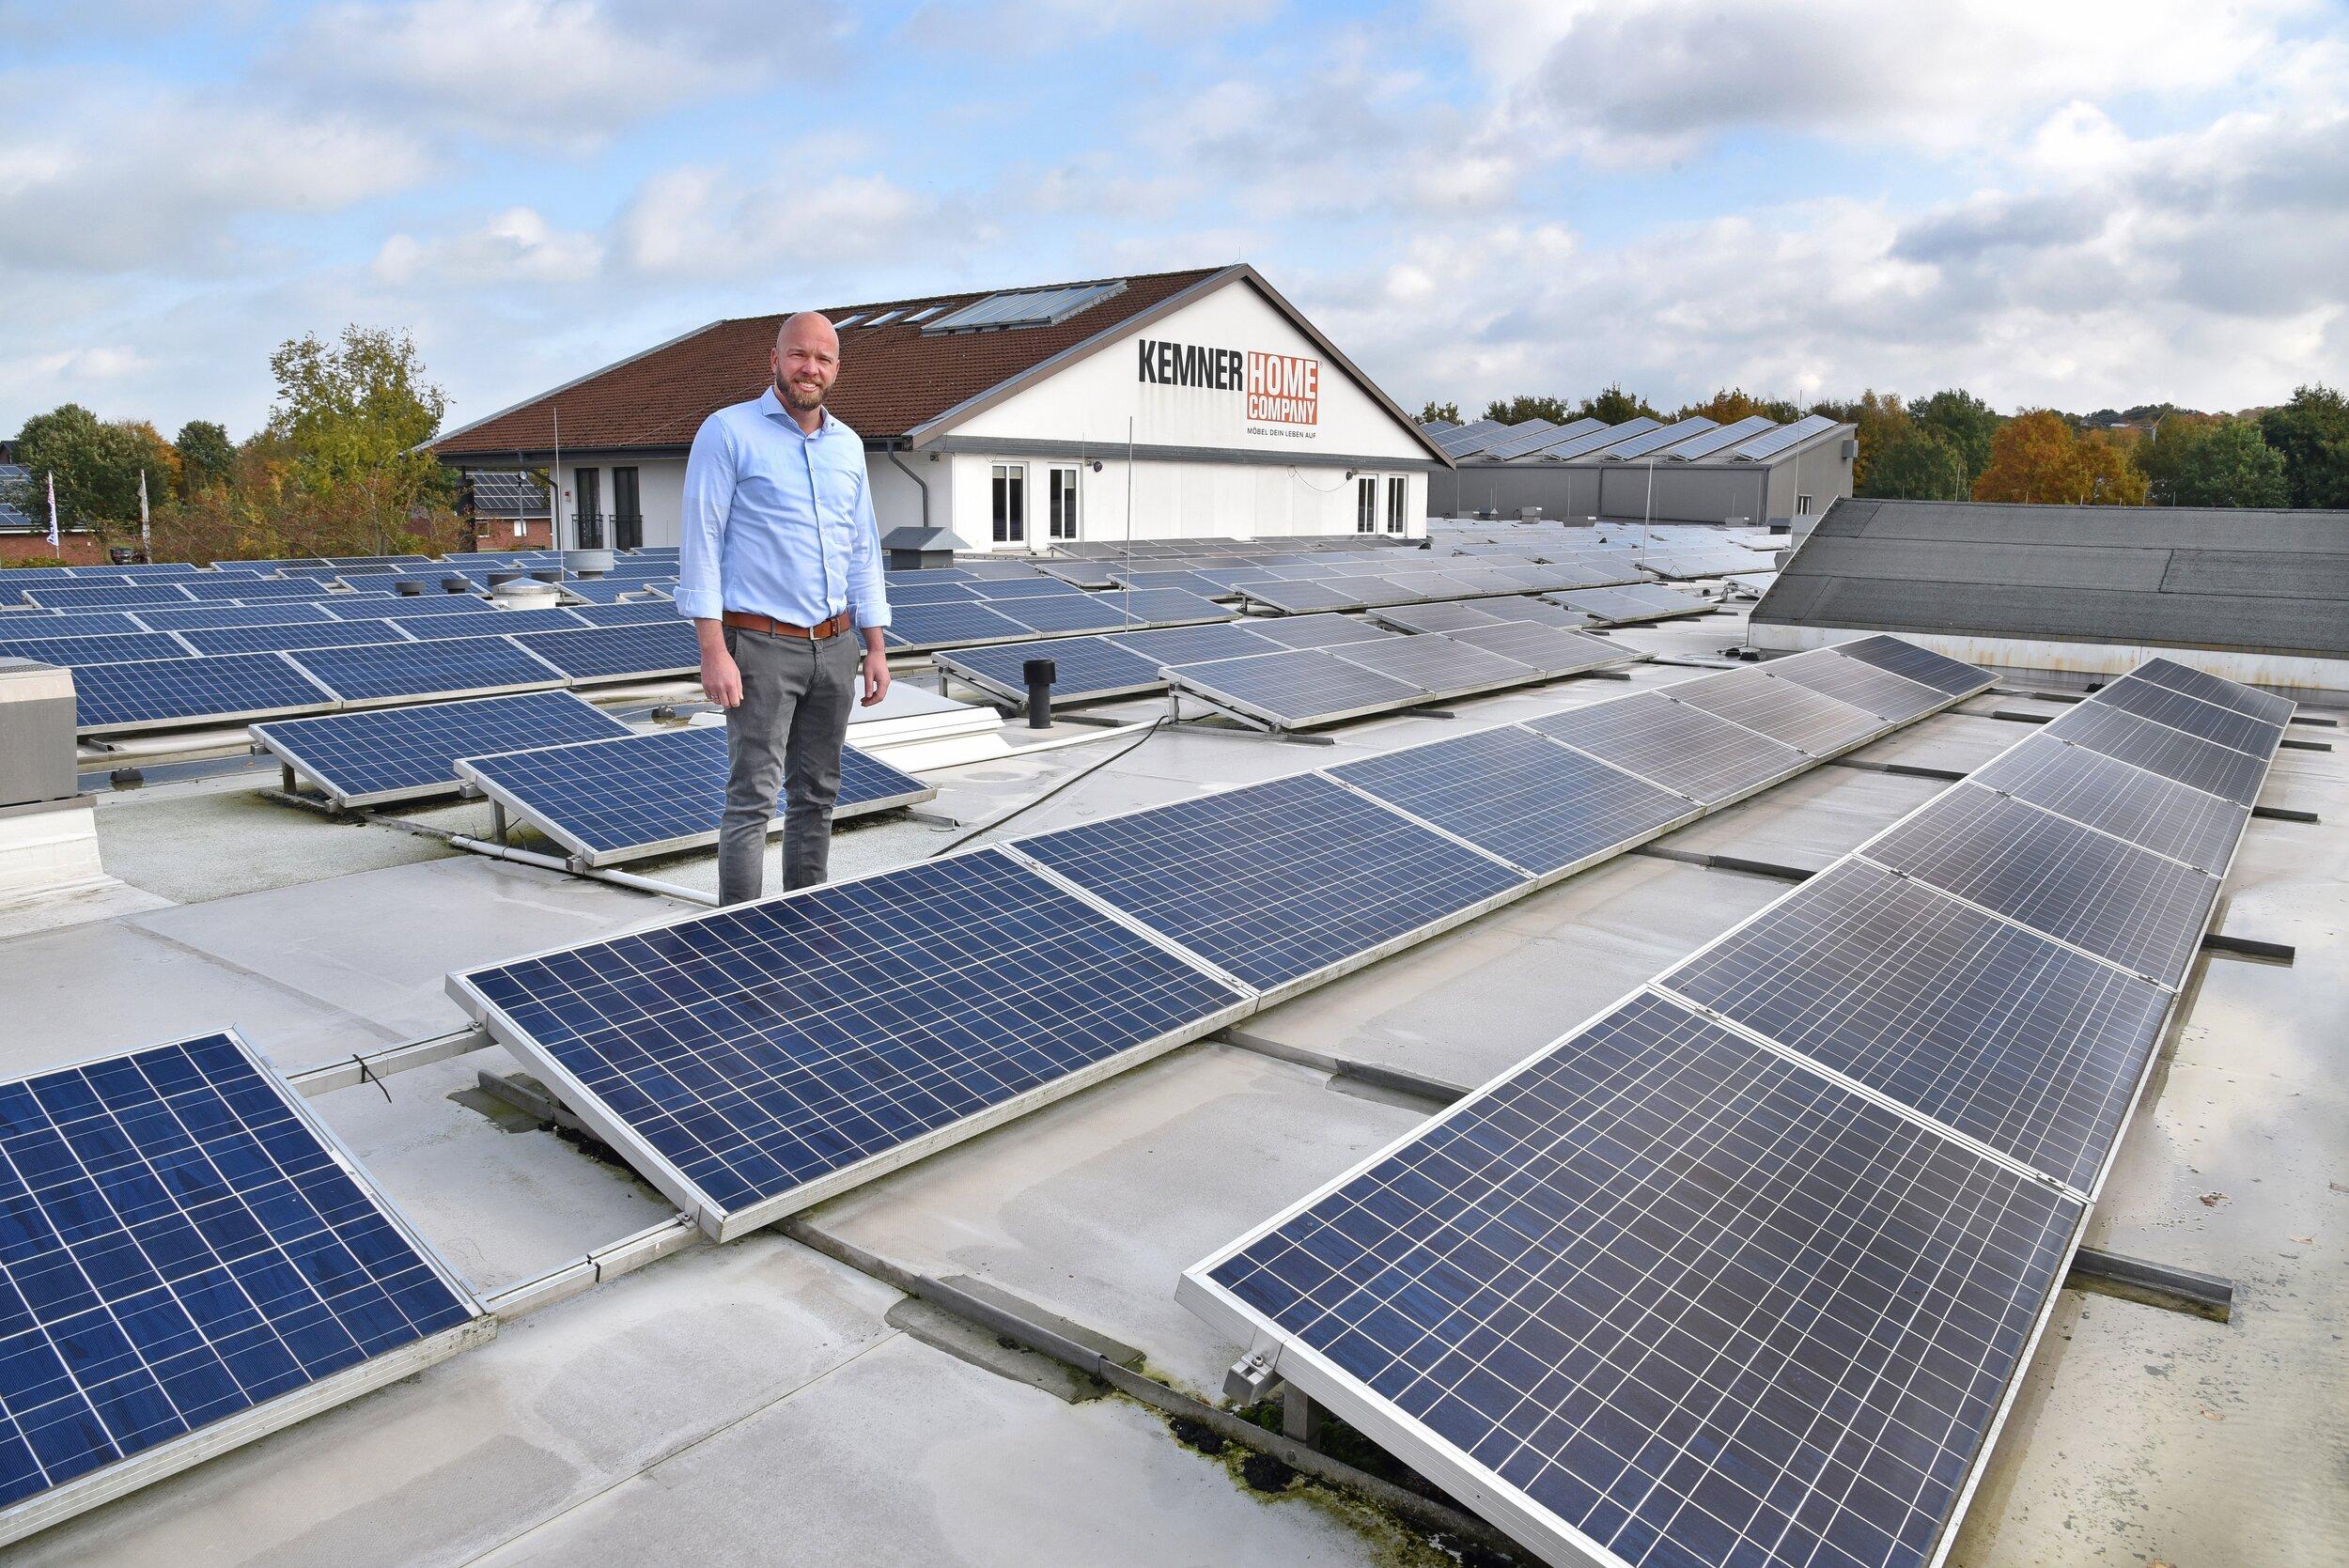 Kemner Photovoltaik.jpg